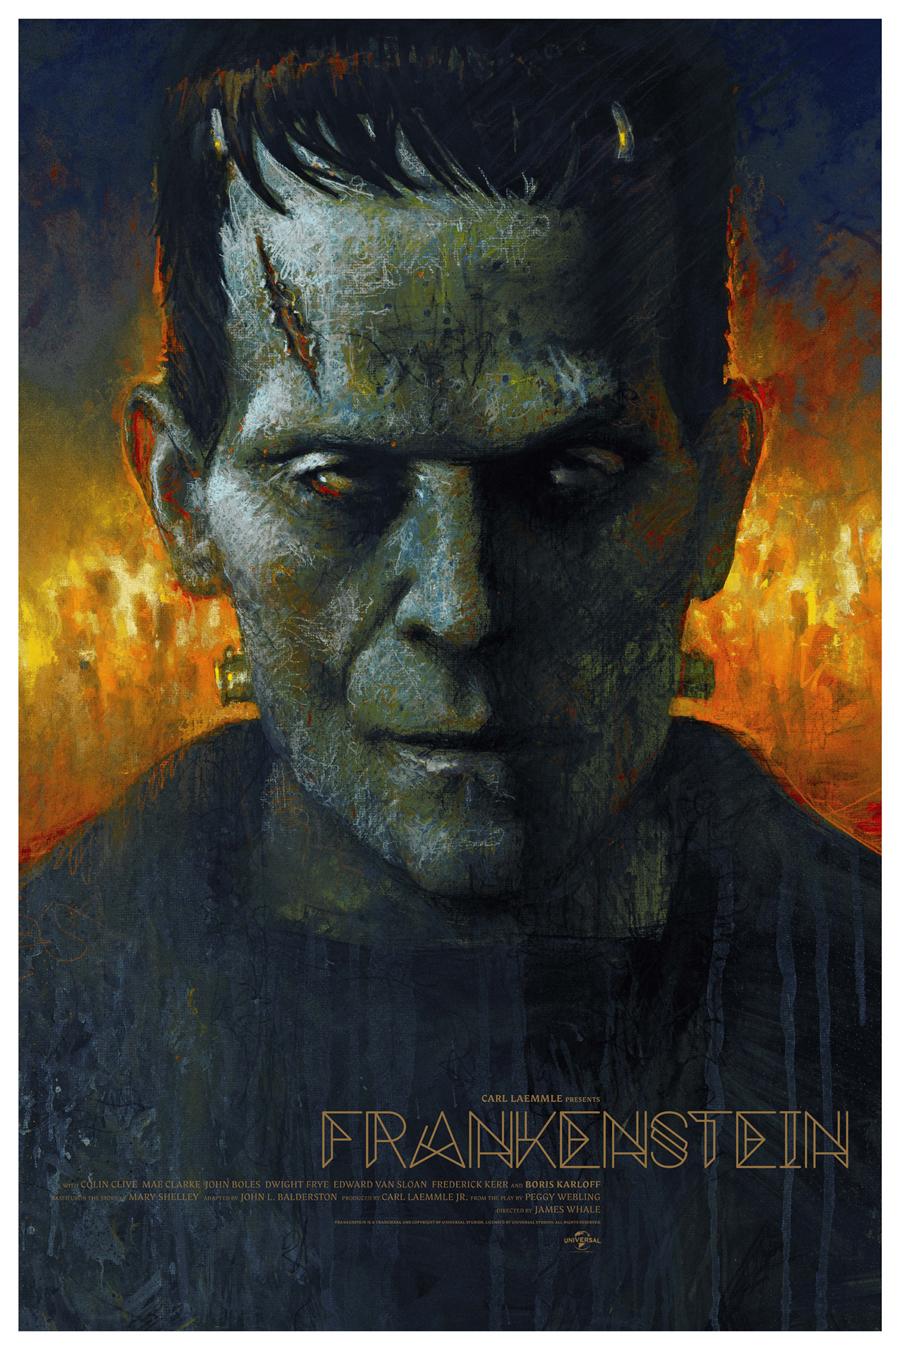 MPeak_Frankenstein__finalSeps_900w